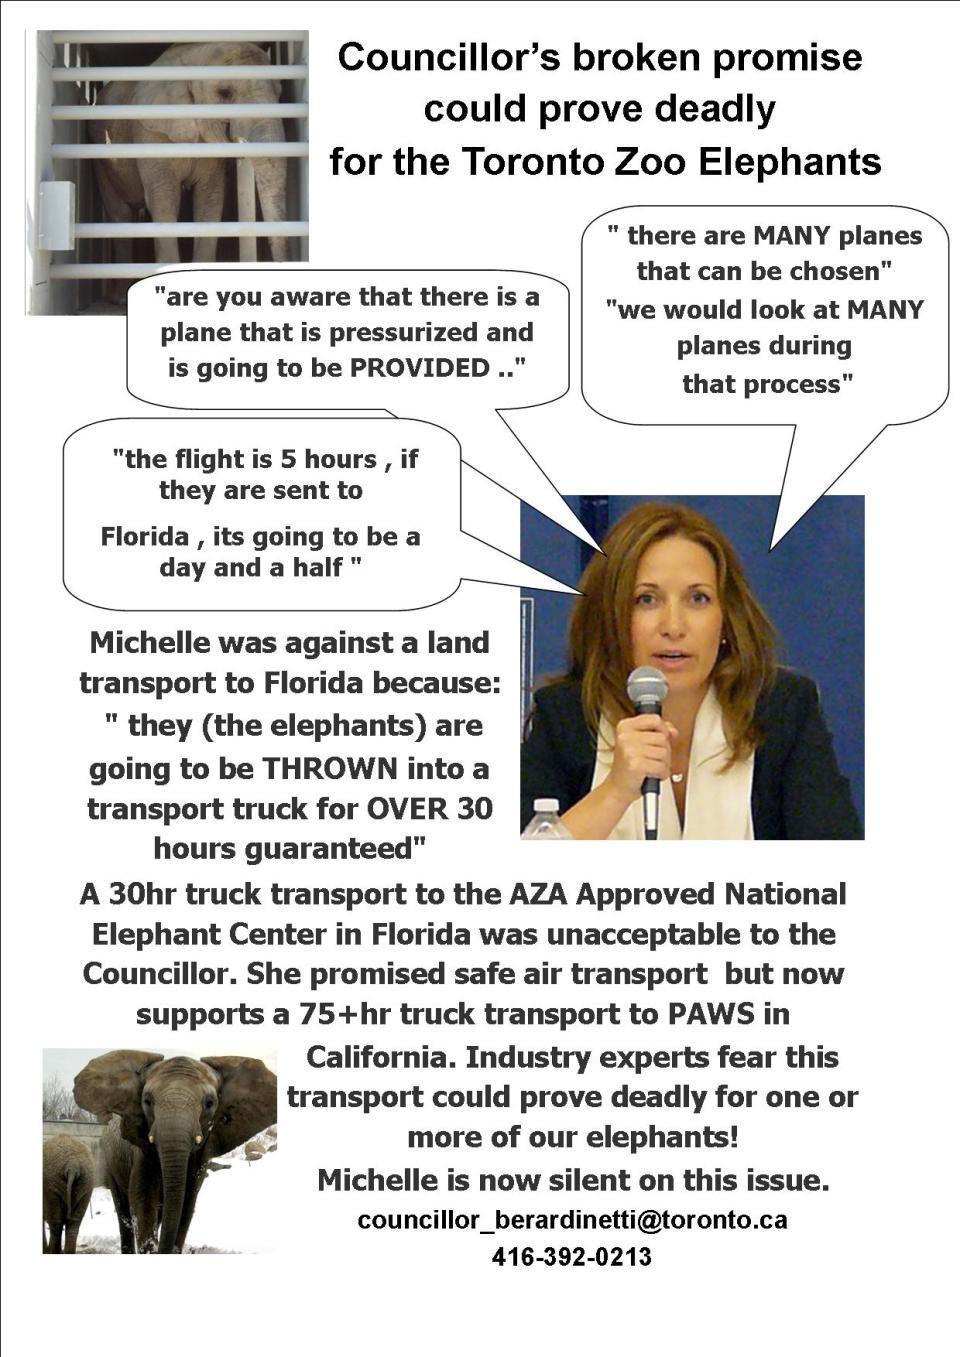 Councillor Michelle Berardinetti - Broken promises